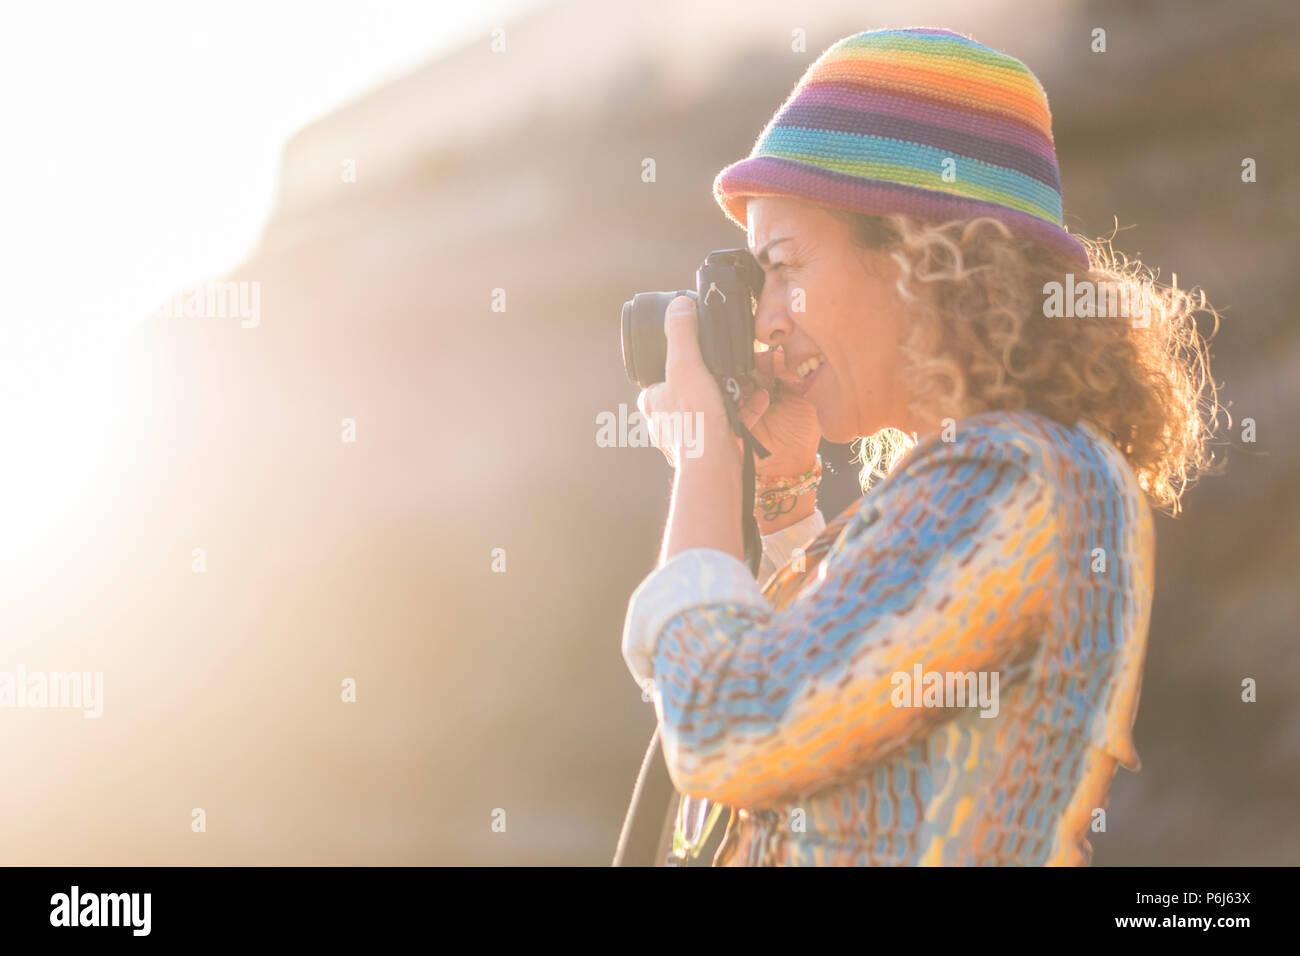 Photographe portrait femme avec chapeau de couleur agréable à prendre des photos avec l'ancien petit appareil. la lumière du soleil et sun flare dans l'arrière-plan lumineux co d'été. Photo Stock